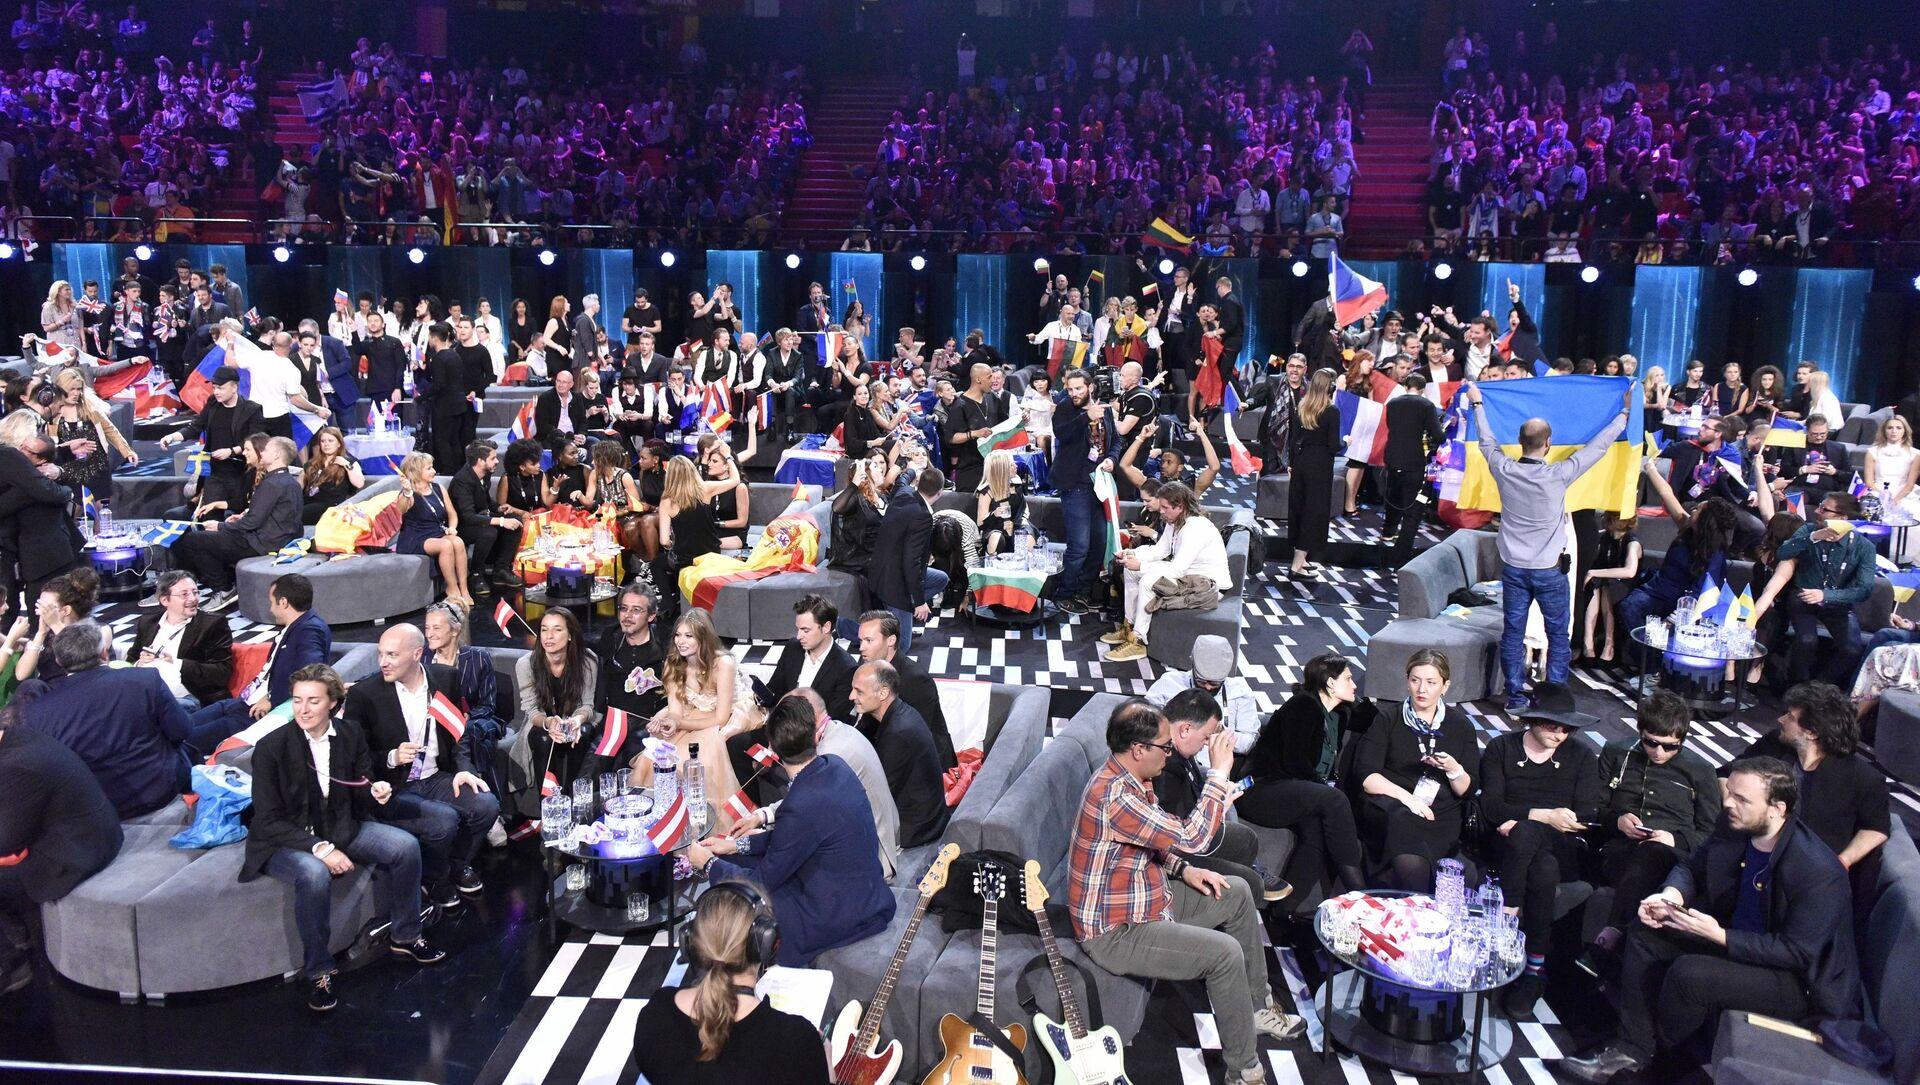 Głosowanie podczas finału Eurowizji w Sztokholmie, Szwecja - Sputnik Polska, 1920, 12.03.2021